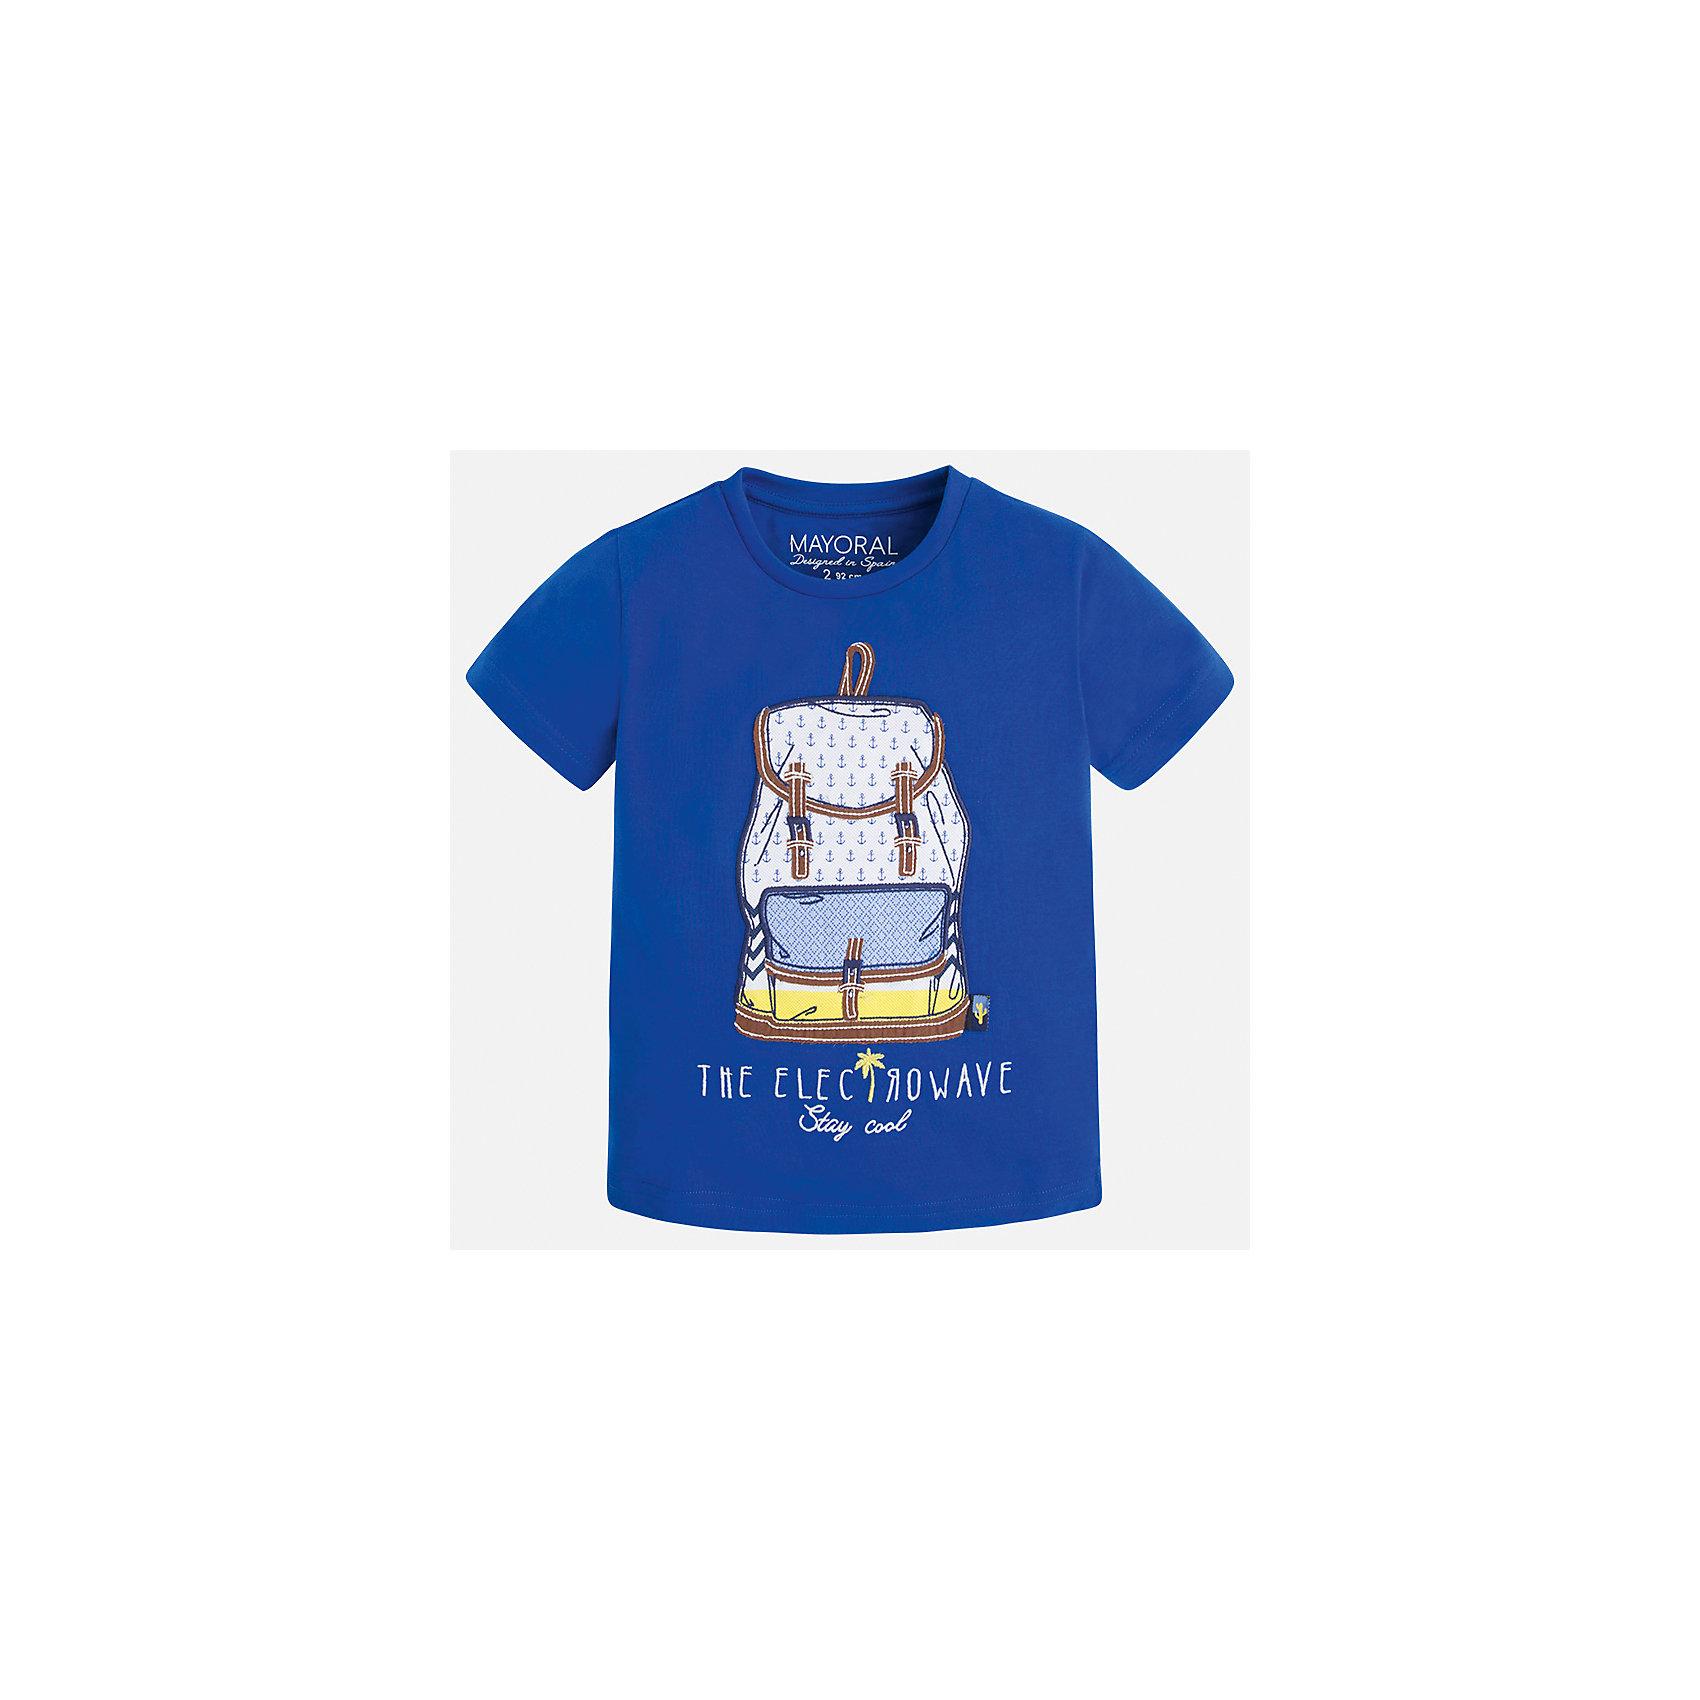 Футболка для мальчика MayoralФутболки, поло и топы<br>Характеристики товара:<br><br>• цвет: синий<br>• состав: 100% хлопок<br>• круглый горловой вырез<br>• принт впереди<br>• короткие рукава<br>• отделка горловины<br>• страна бренда: Испания<br><br>Модная удобная футболка с принтом поможет разнообразить гардероб мальчика. Она отлично сочетается с брюками, шортами, джинсами и т.д. Универсальный крой и цвет позволяет подобрать к вещи низ разных расцветок. Практичное и стильное изделие! В составе материала - только натуральный хлопок, гипоаллергенный, приятный на ощупь, дышащий.<br><br>Одежда, обувь и аксессуары от испанского бренда Mayoral полюбились детям и взрослым по всему миру. Модели этой марки - стильные и удобные. Для их производства используются только безопасные, качественные материалы и фурнитура. Порадуйте ребенка модными и красивыми вещами от Mayoral! <br><br>Футболку для мальчика от испанского бренда Mayoral (Майорал) можно купить в нашем интернет-магазине.<br><br>Ширина мм: 199<br>Глубина мм: 10<br>Высота мм: 161<br>Вес г: 151<br>Цвет: голубой<br>Возраст от месяцев: 18<br>Возраст до месяцев: 24<br>Пол: Мужской<br>Возраст: Детский<br>Размер: 92,134,128,122,116,110,104,98<br>SKU: 5279773